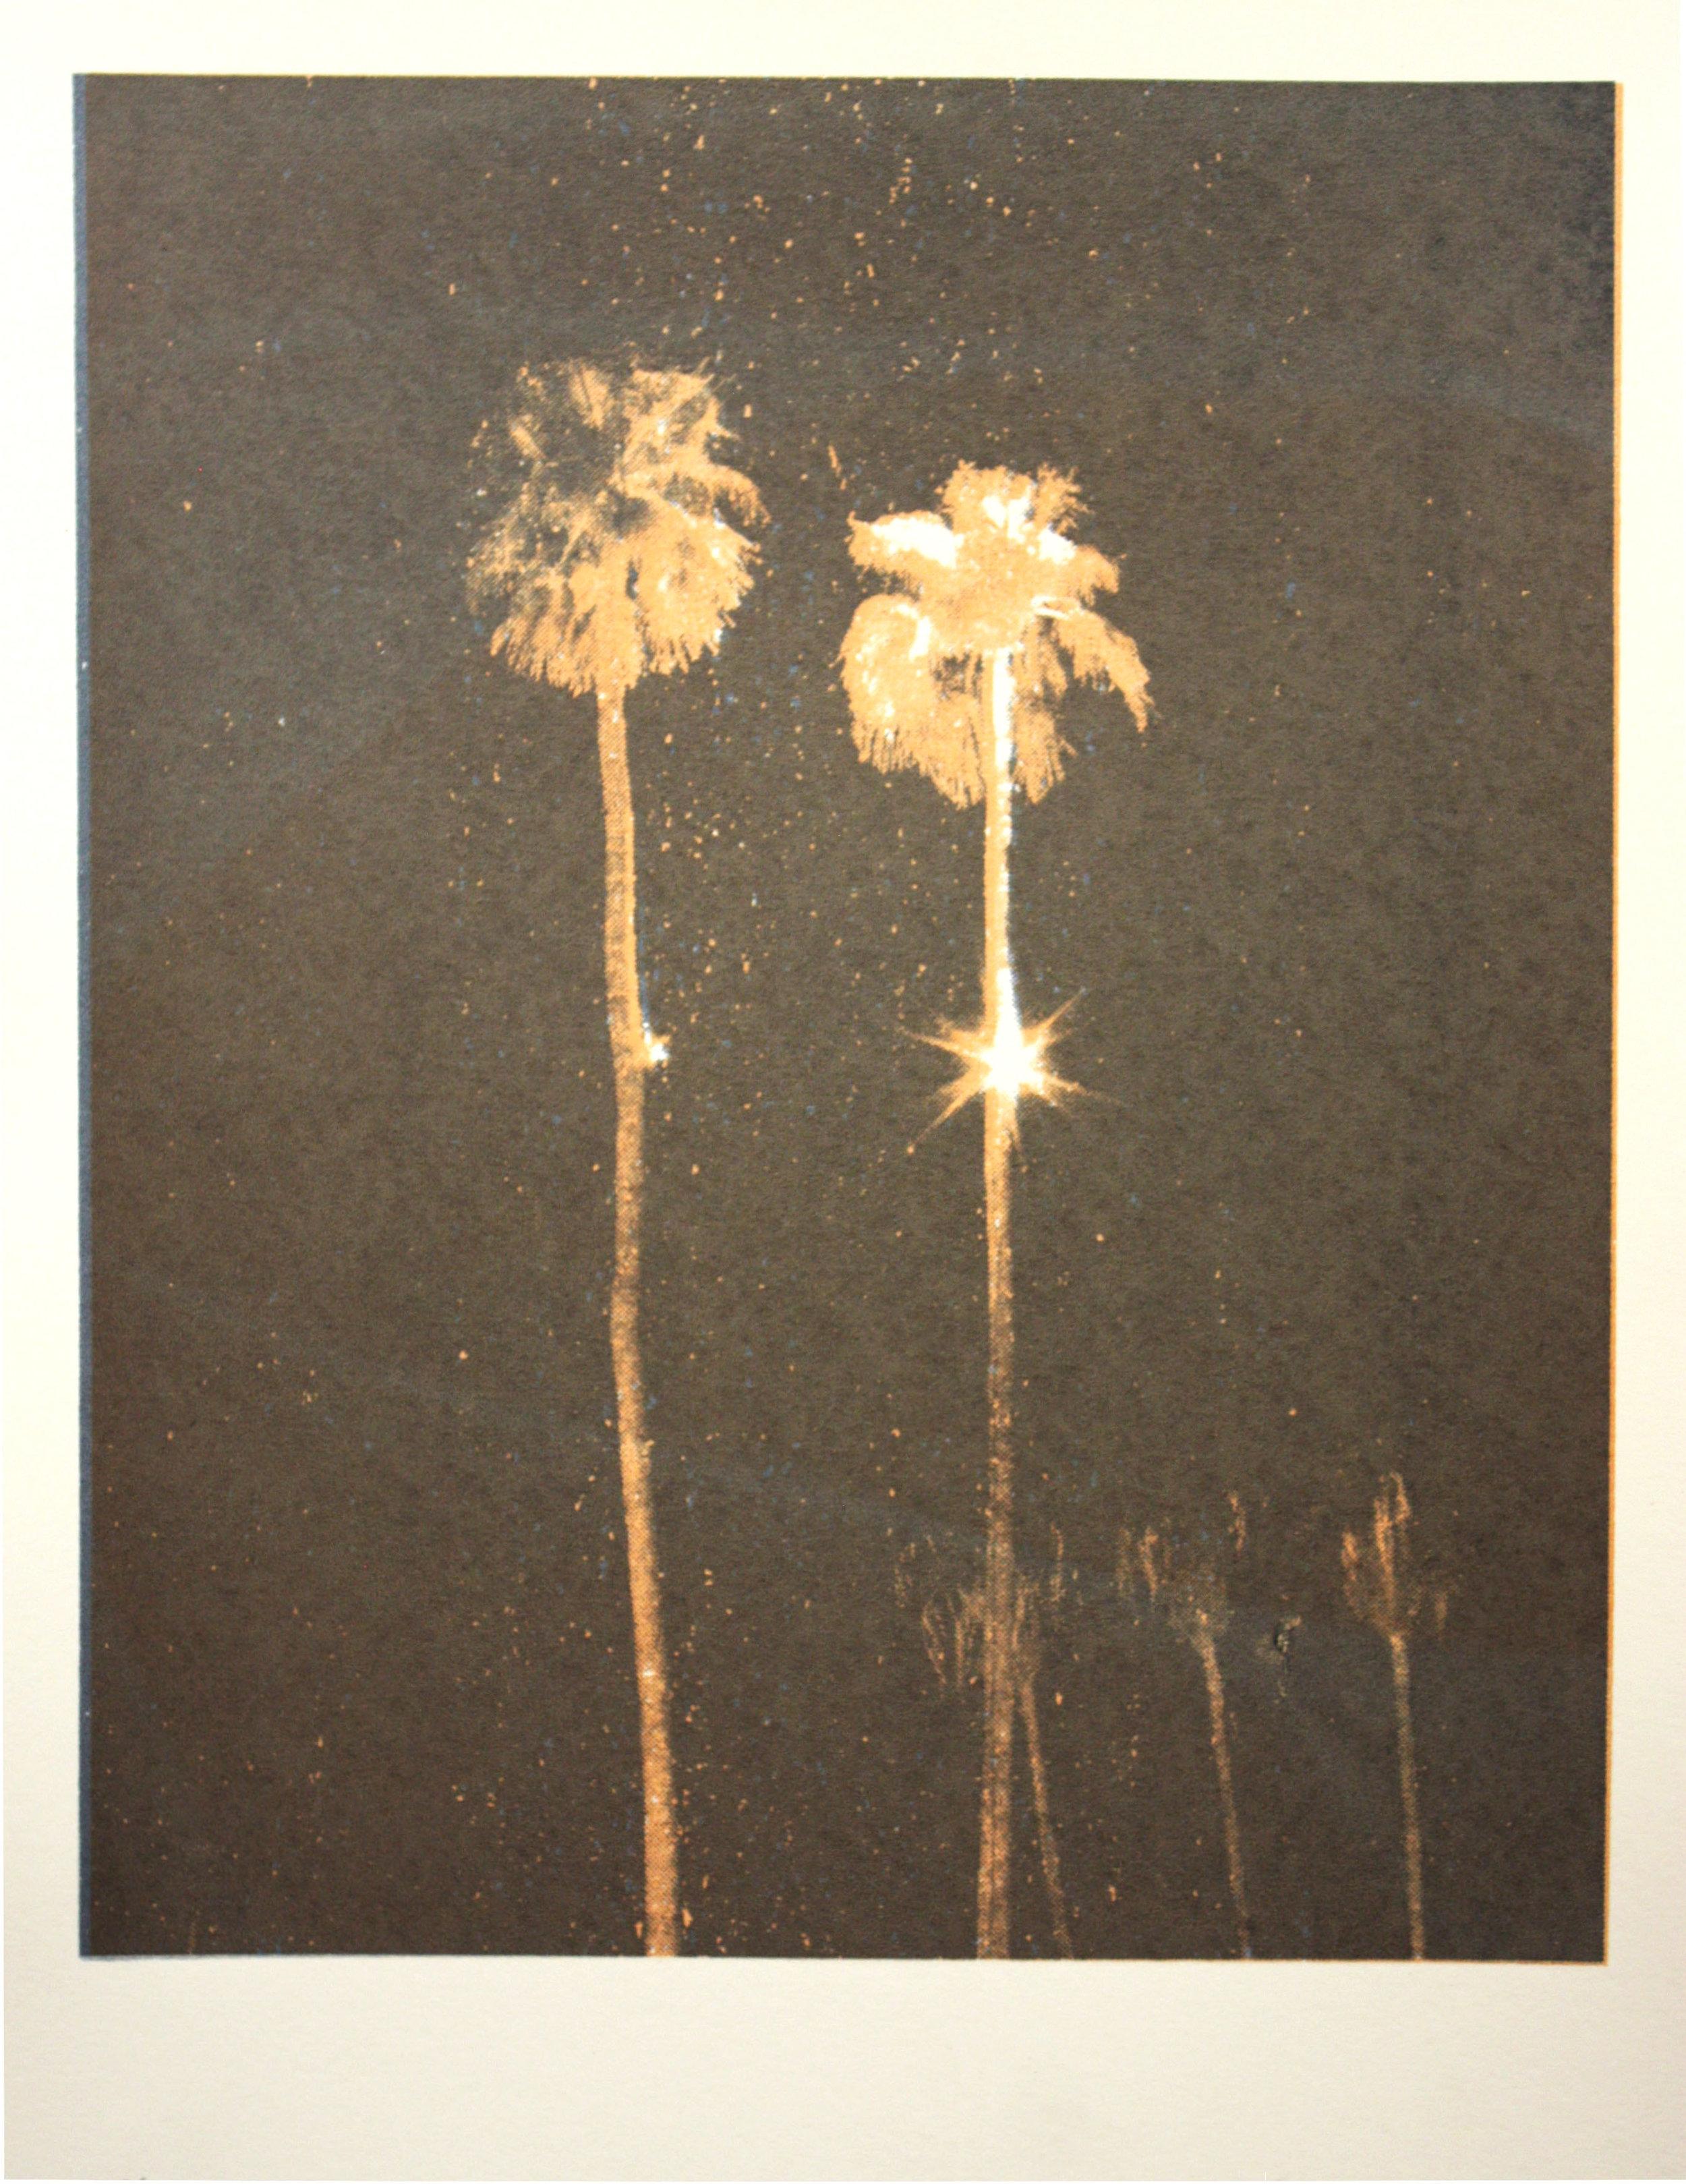 Lights In Trees #1, silkscreen, 2013